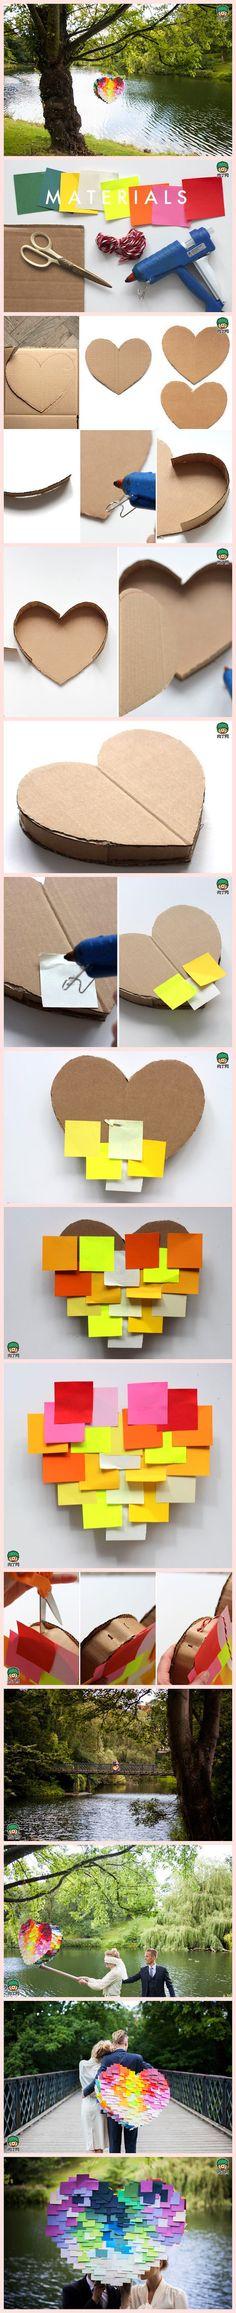 laboratori per bambini san valentino riciclo fai da te regalo kids craft valentin days love gift